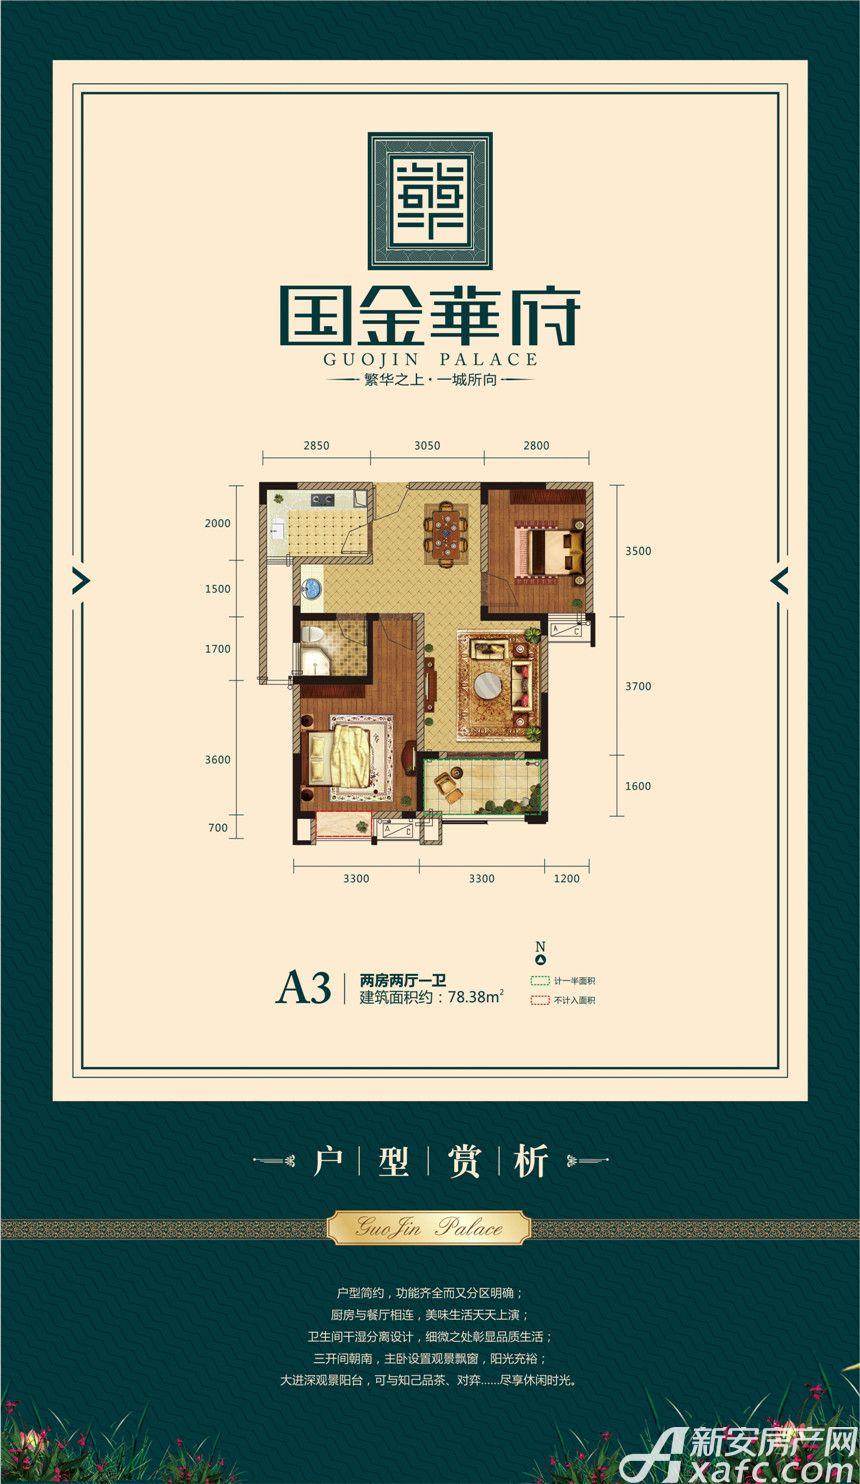 国金华府A32室2厅78.38平米